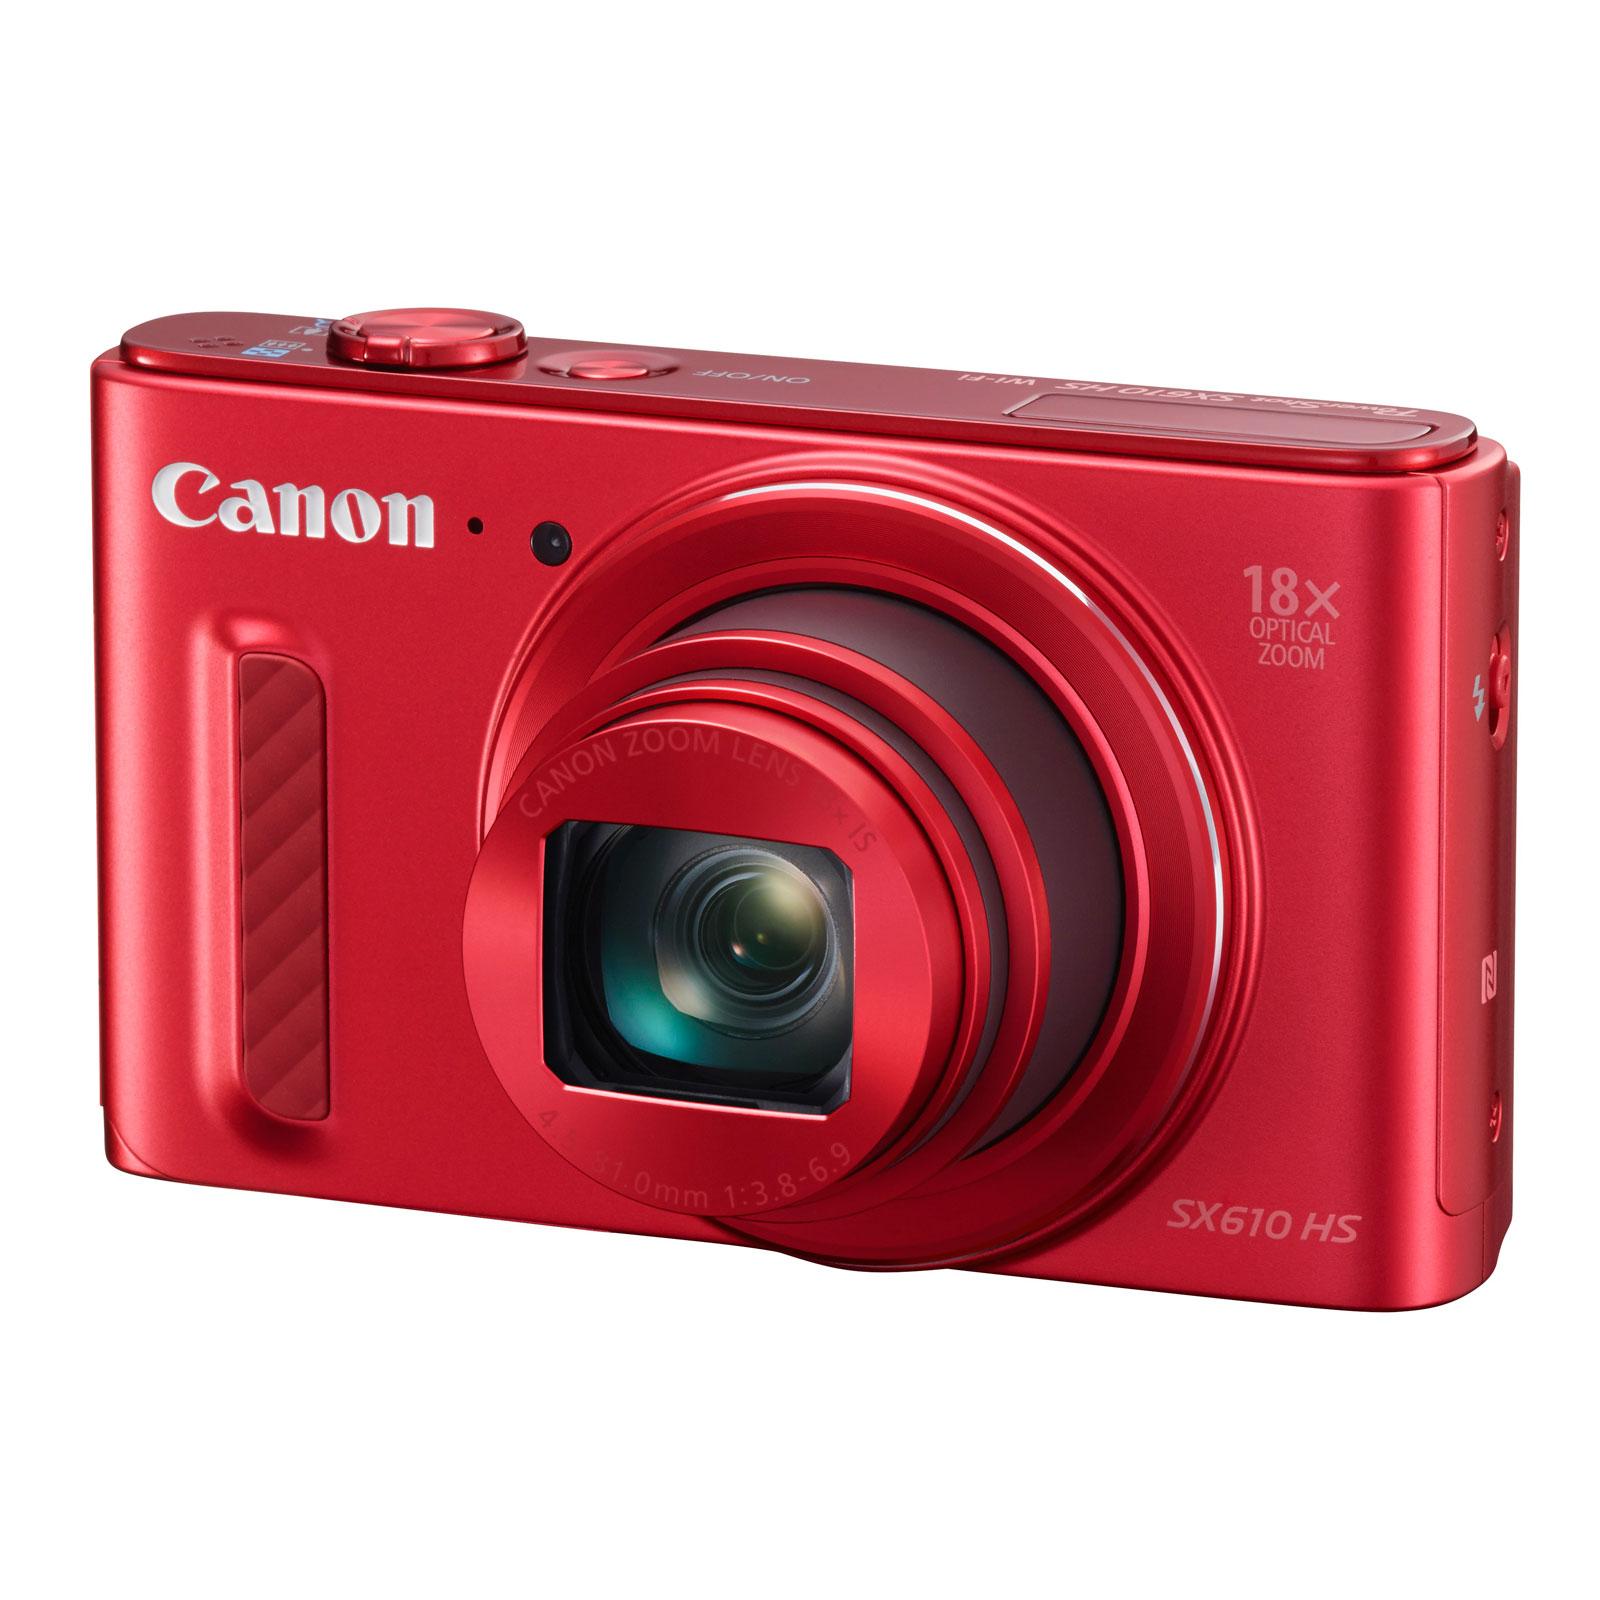 canon powershot sx610 hs rouge appareil photo num rique canon sur. Black Bedroom Furniture Sets. Home Design Ideas